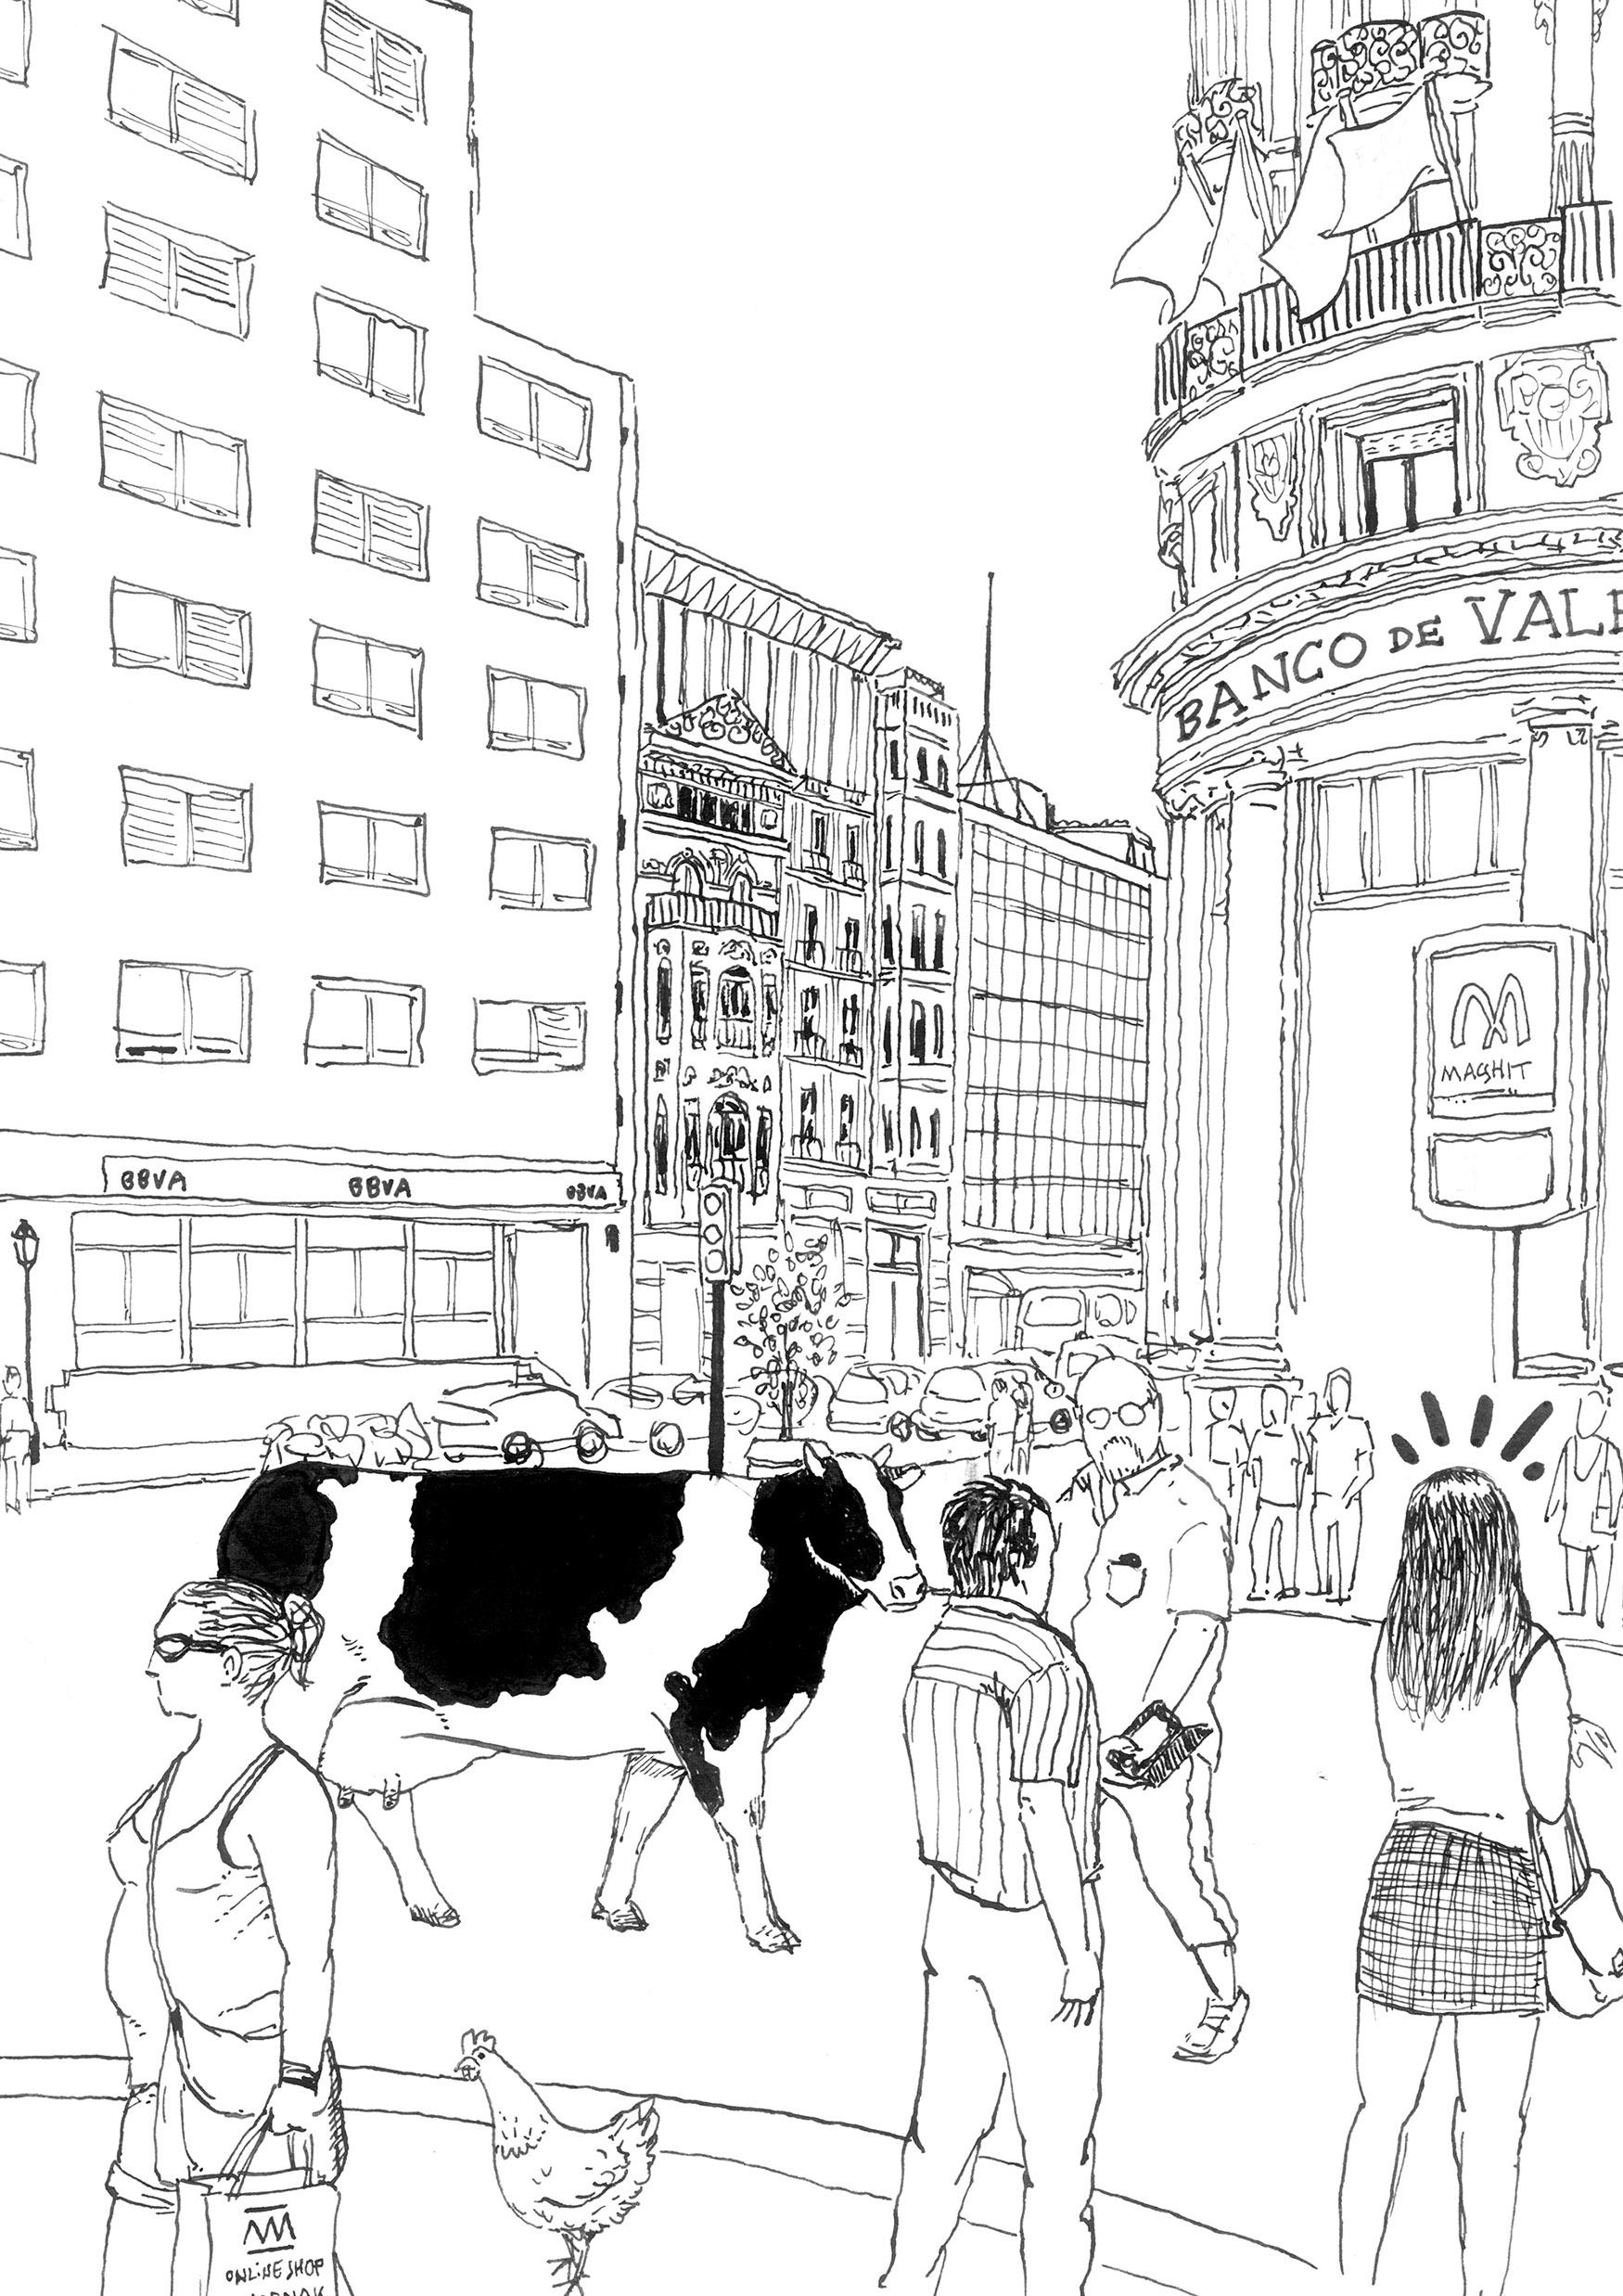 Dibujo de una calle de la ciudad de Valencia realizada en tinta china sobre papel